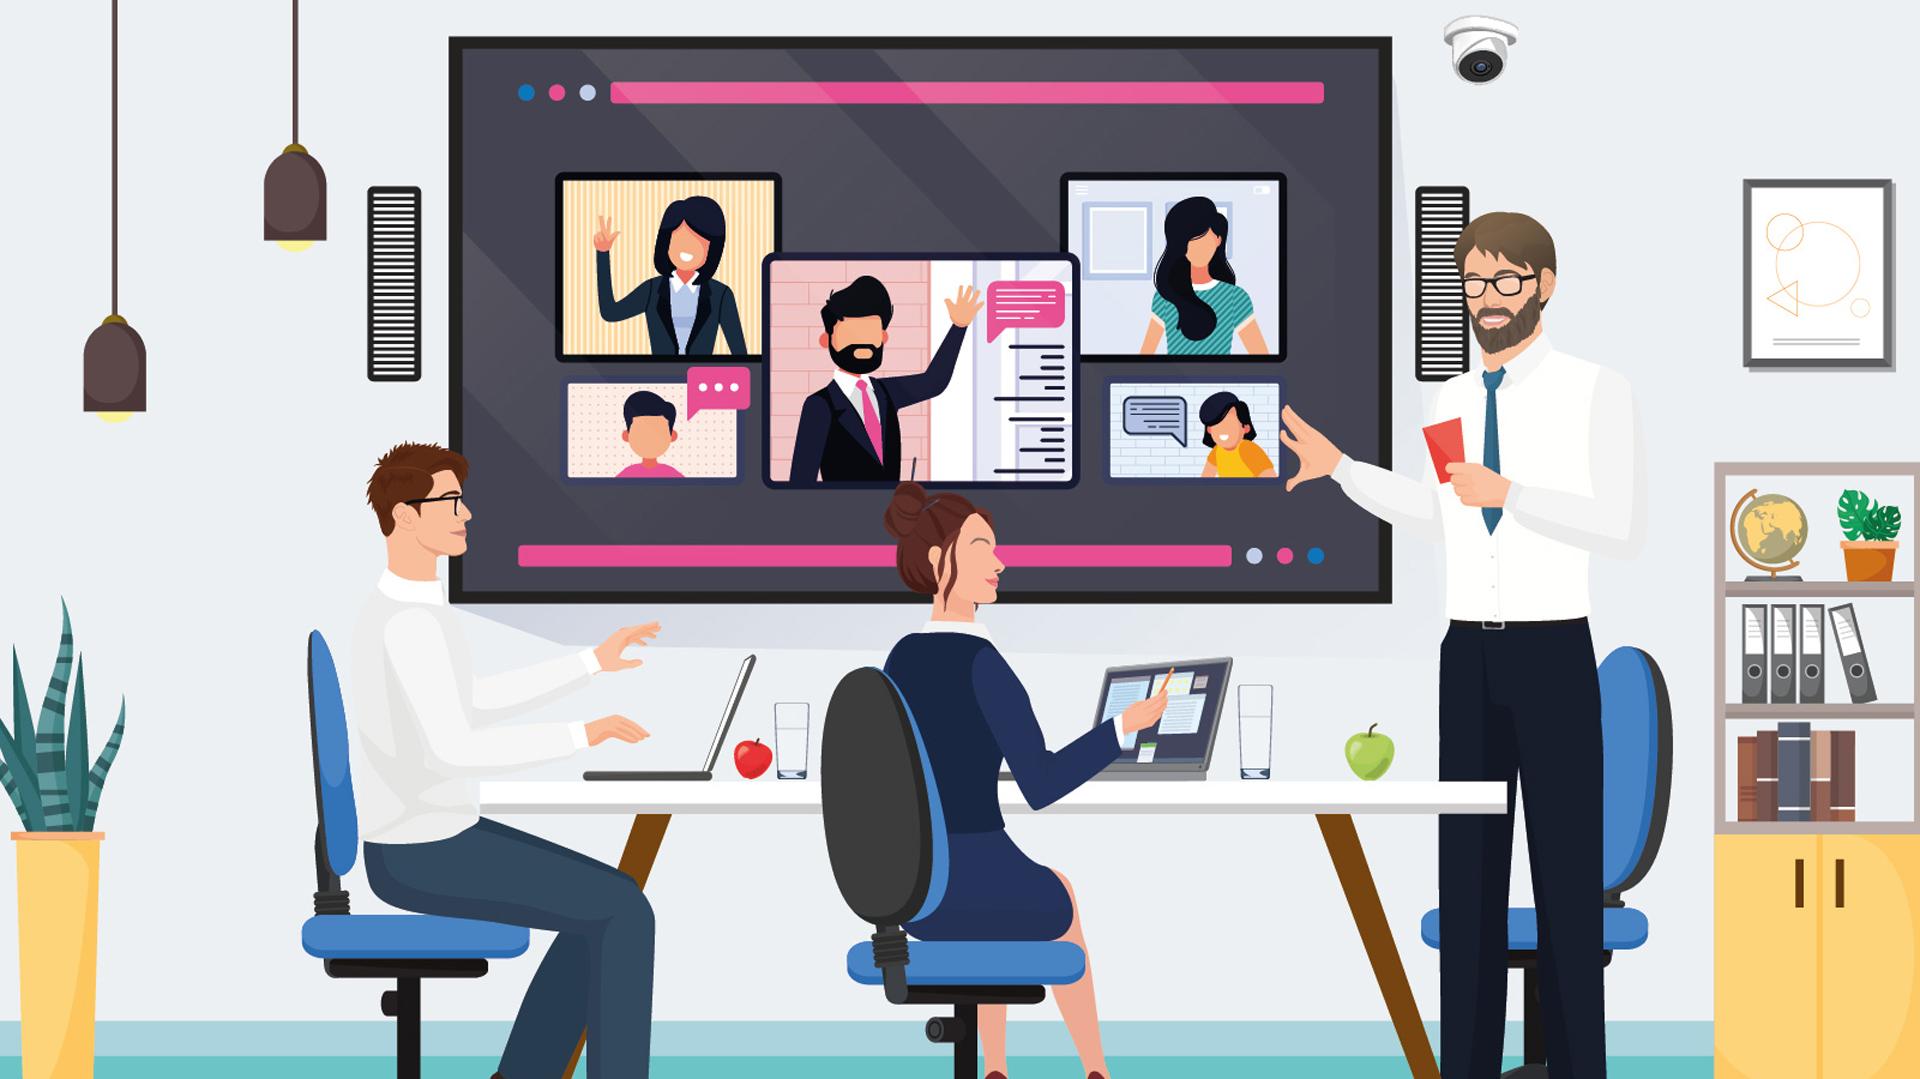 nuove-sale-riunioni-tecnologiche-teams-touchwindow-Level-Office-Landscape